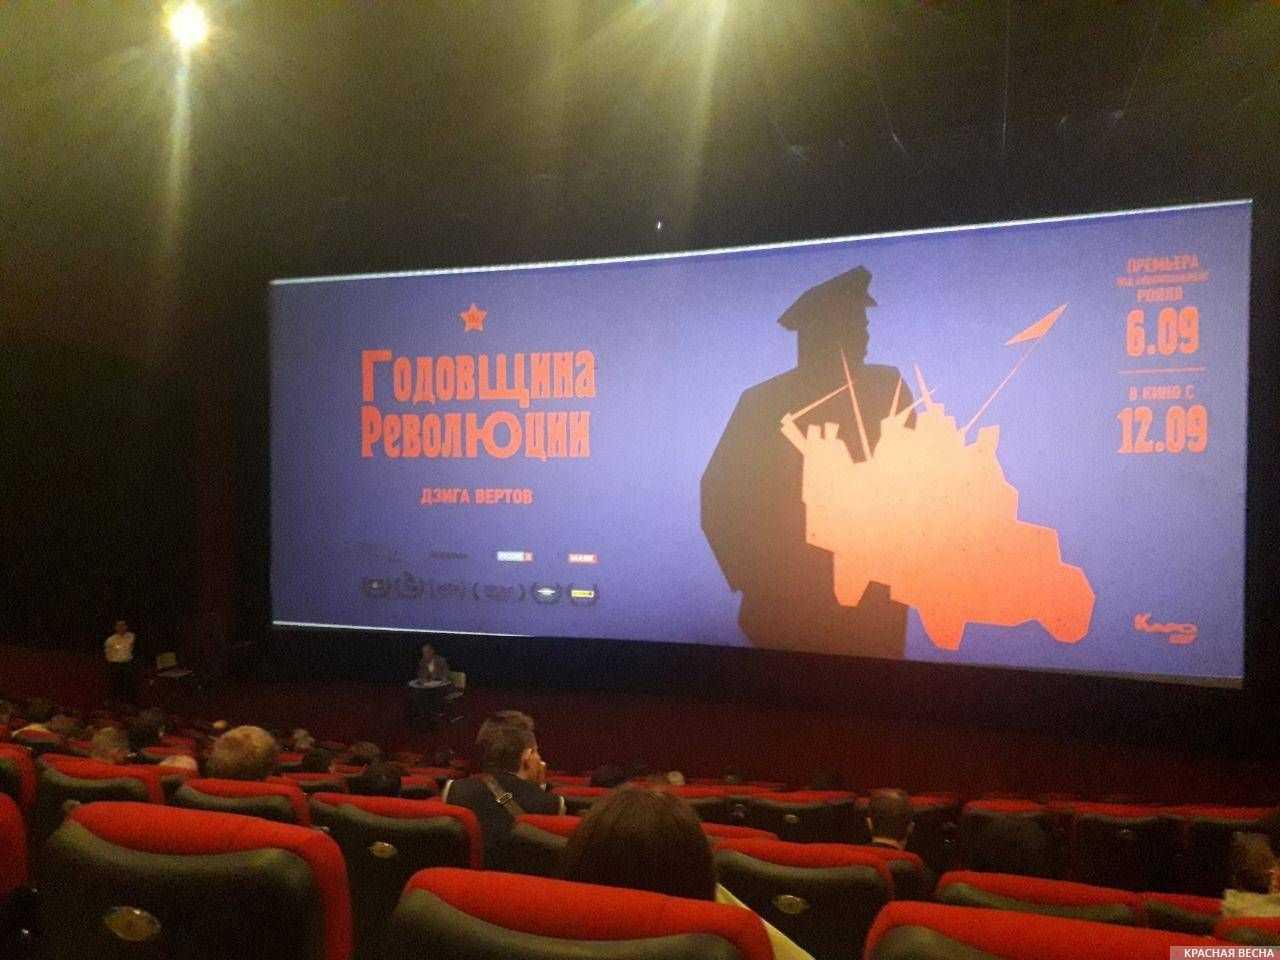 Премьера «Годовщины революции» в Санкт-Петербурге